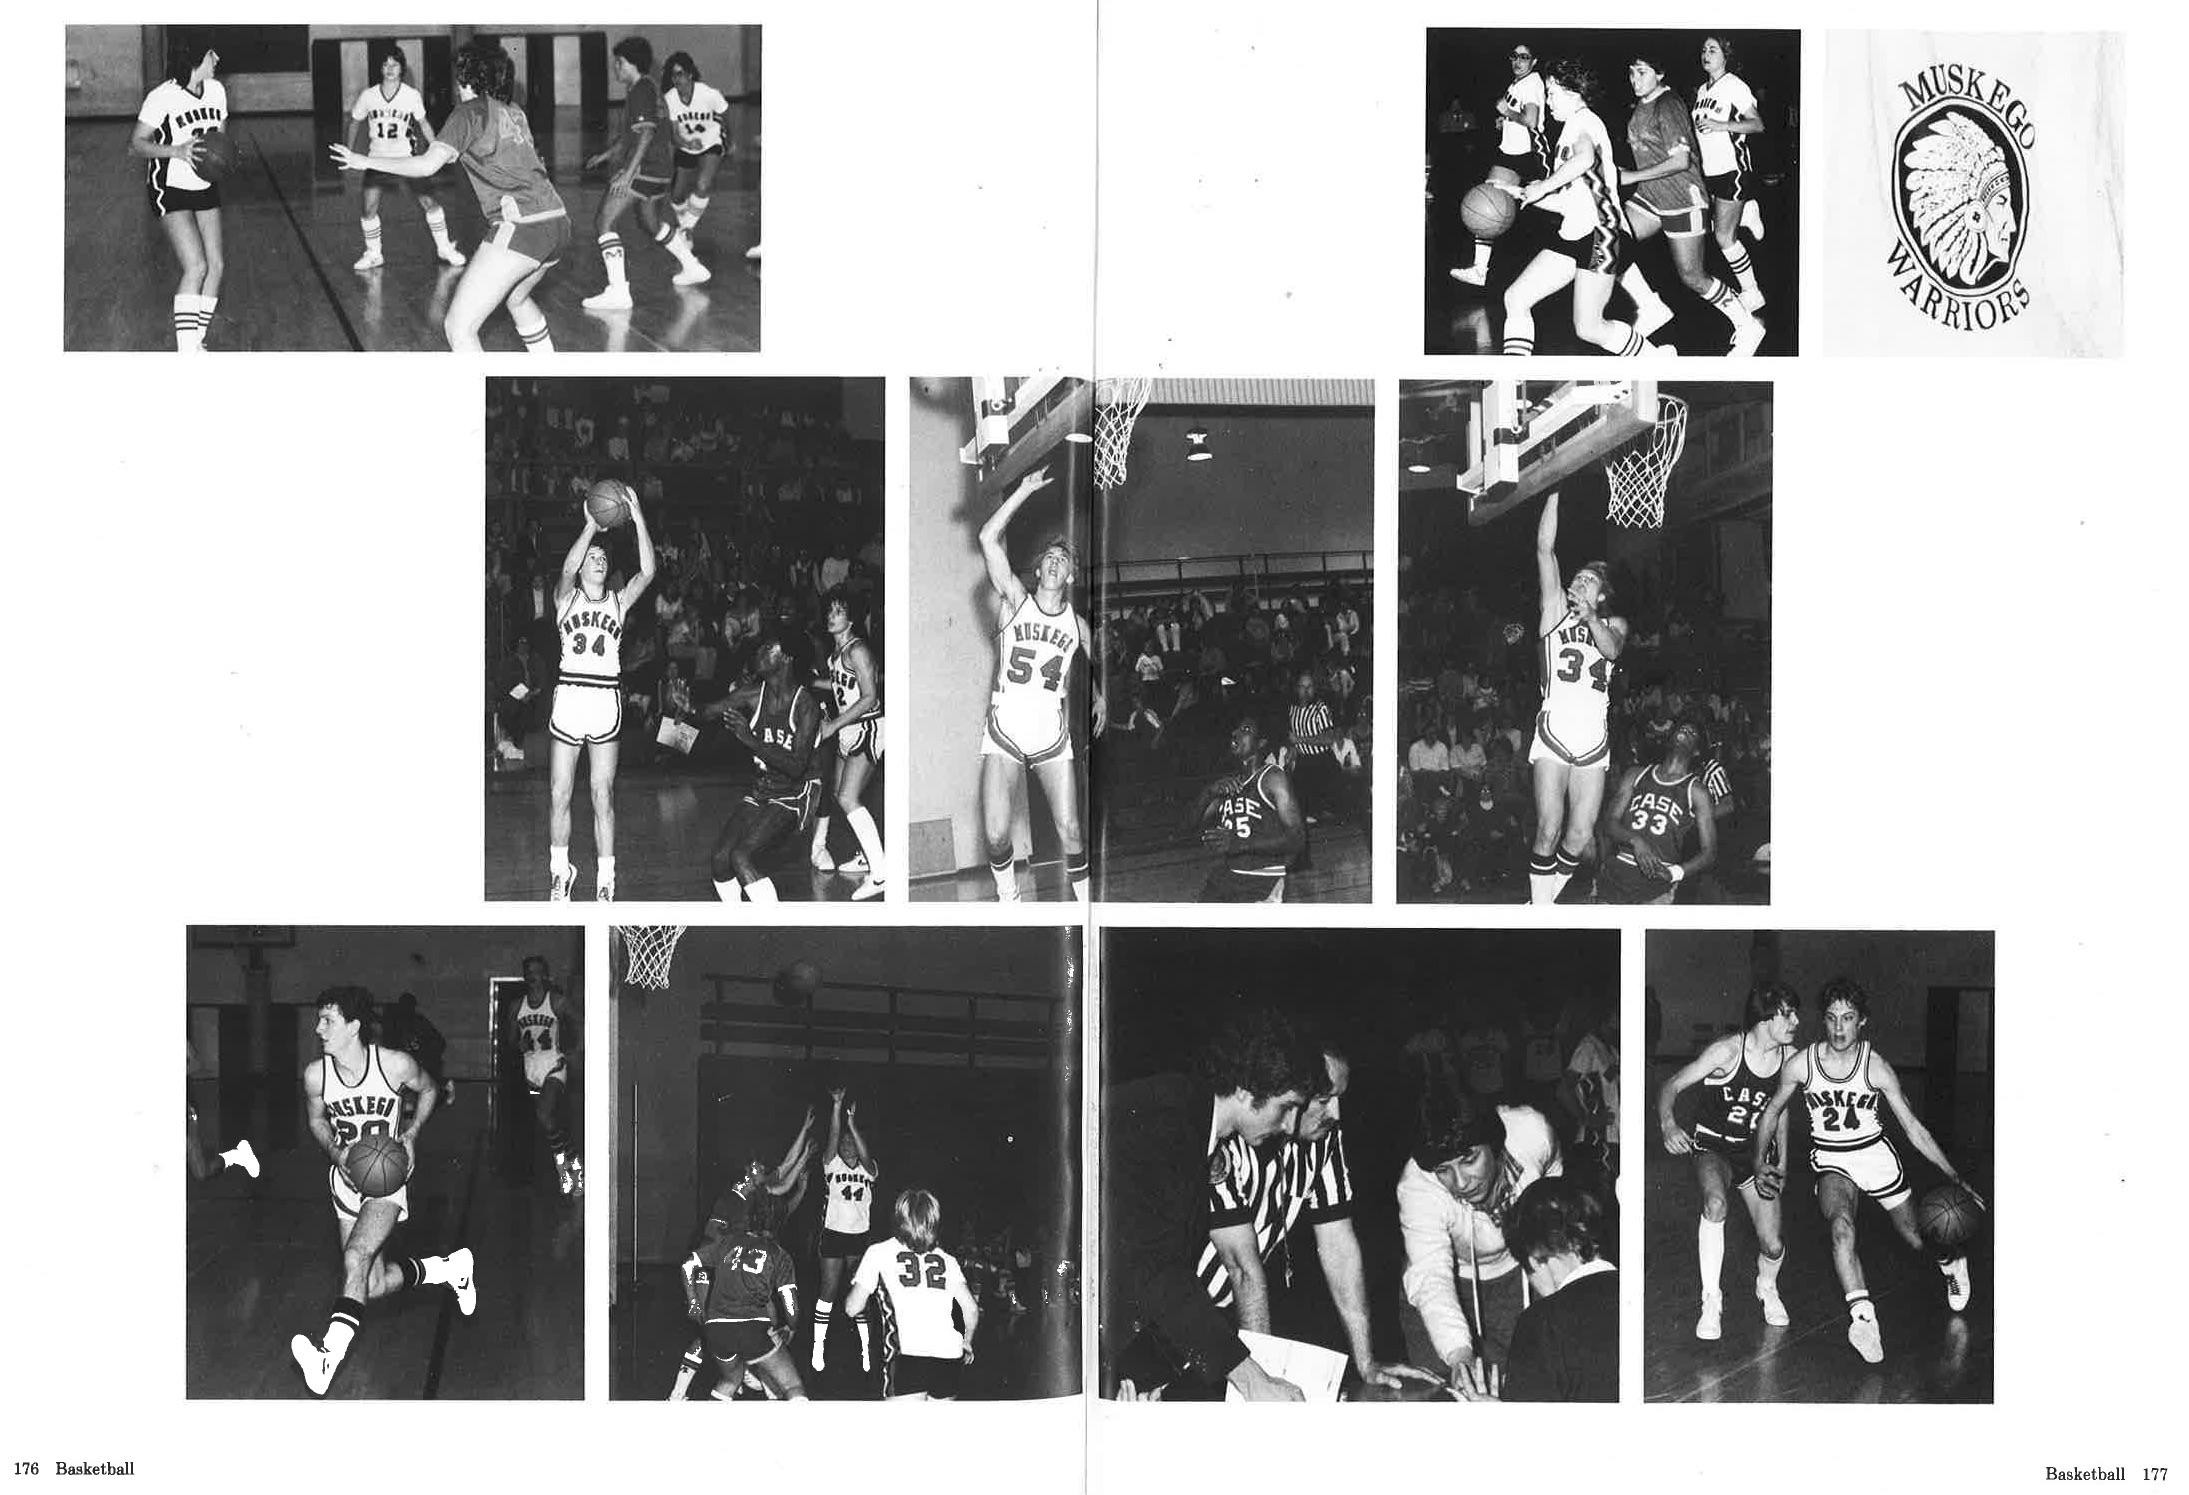 1982_Yearbook_176.jpg